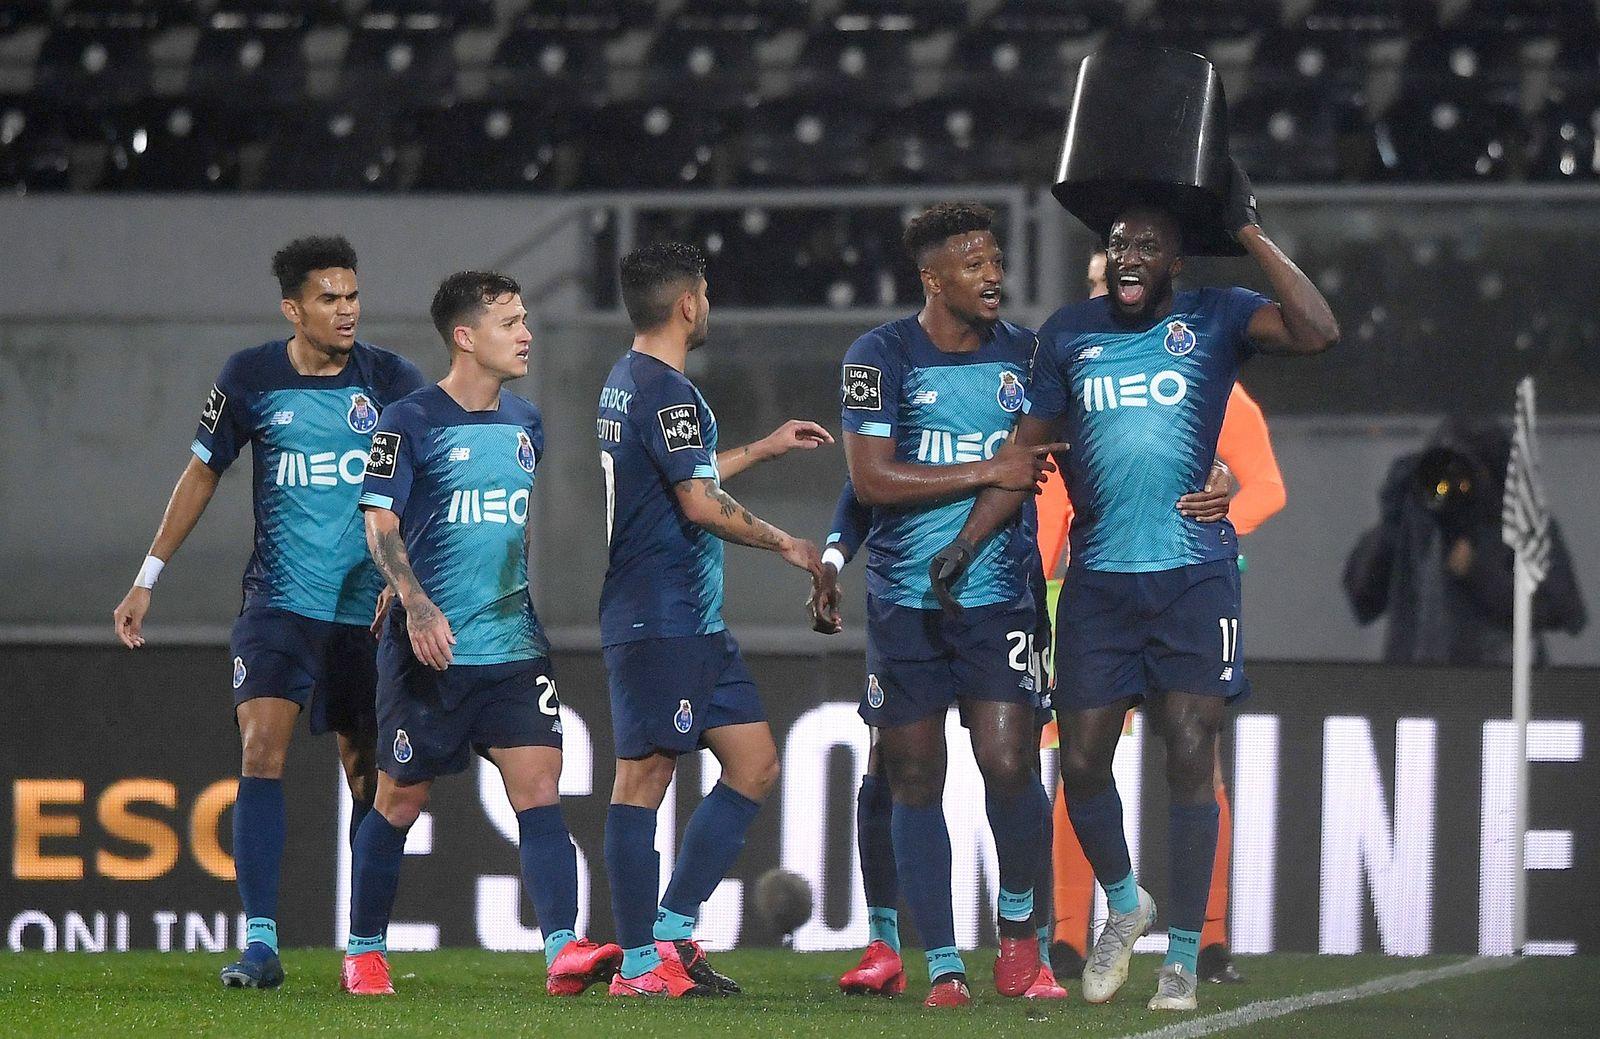 Vitoria de Guimaraes vs FC Porto, Portugal - 16 Feb 2020